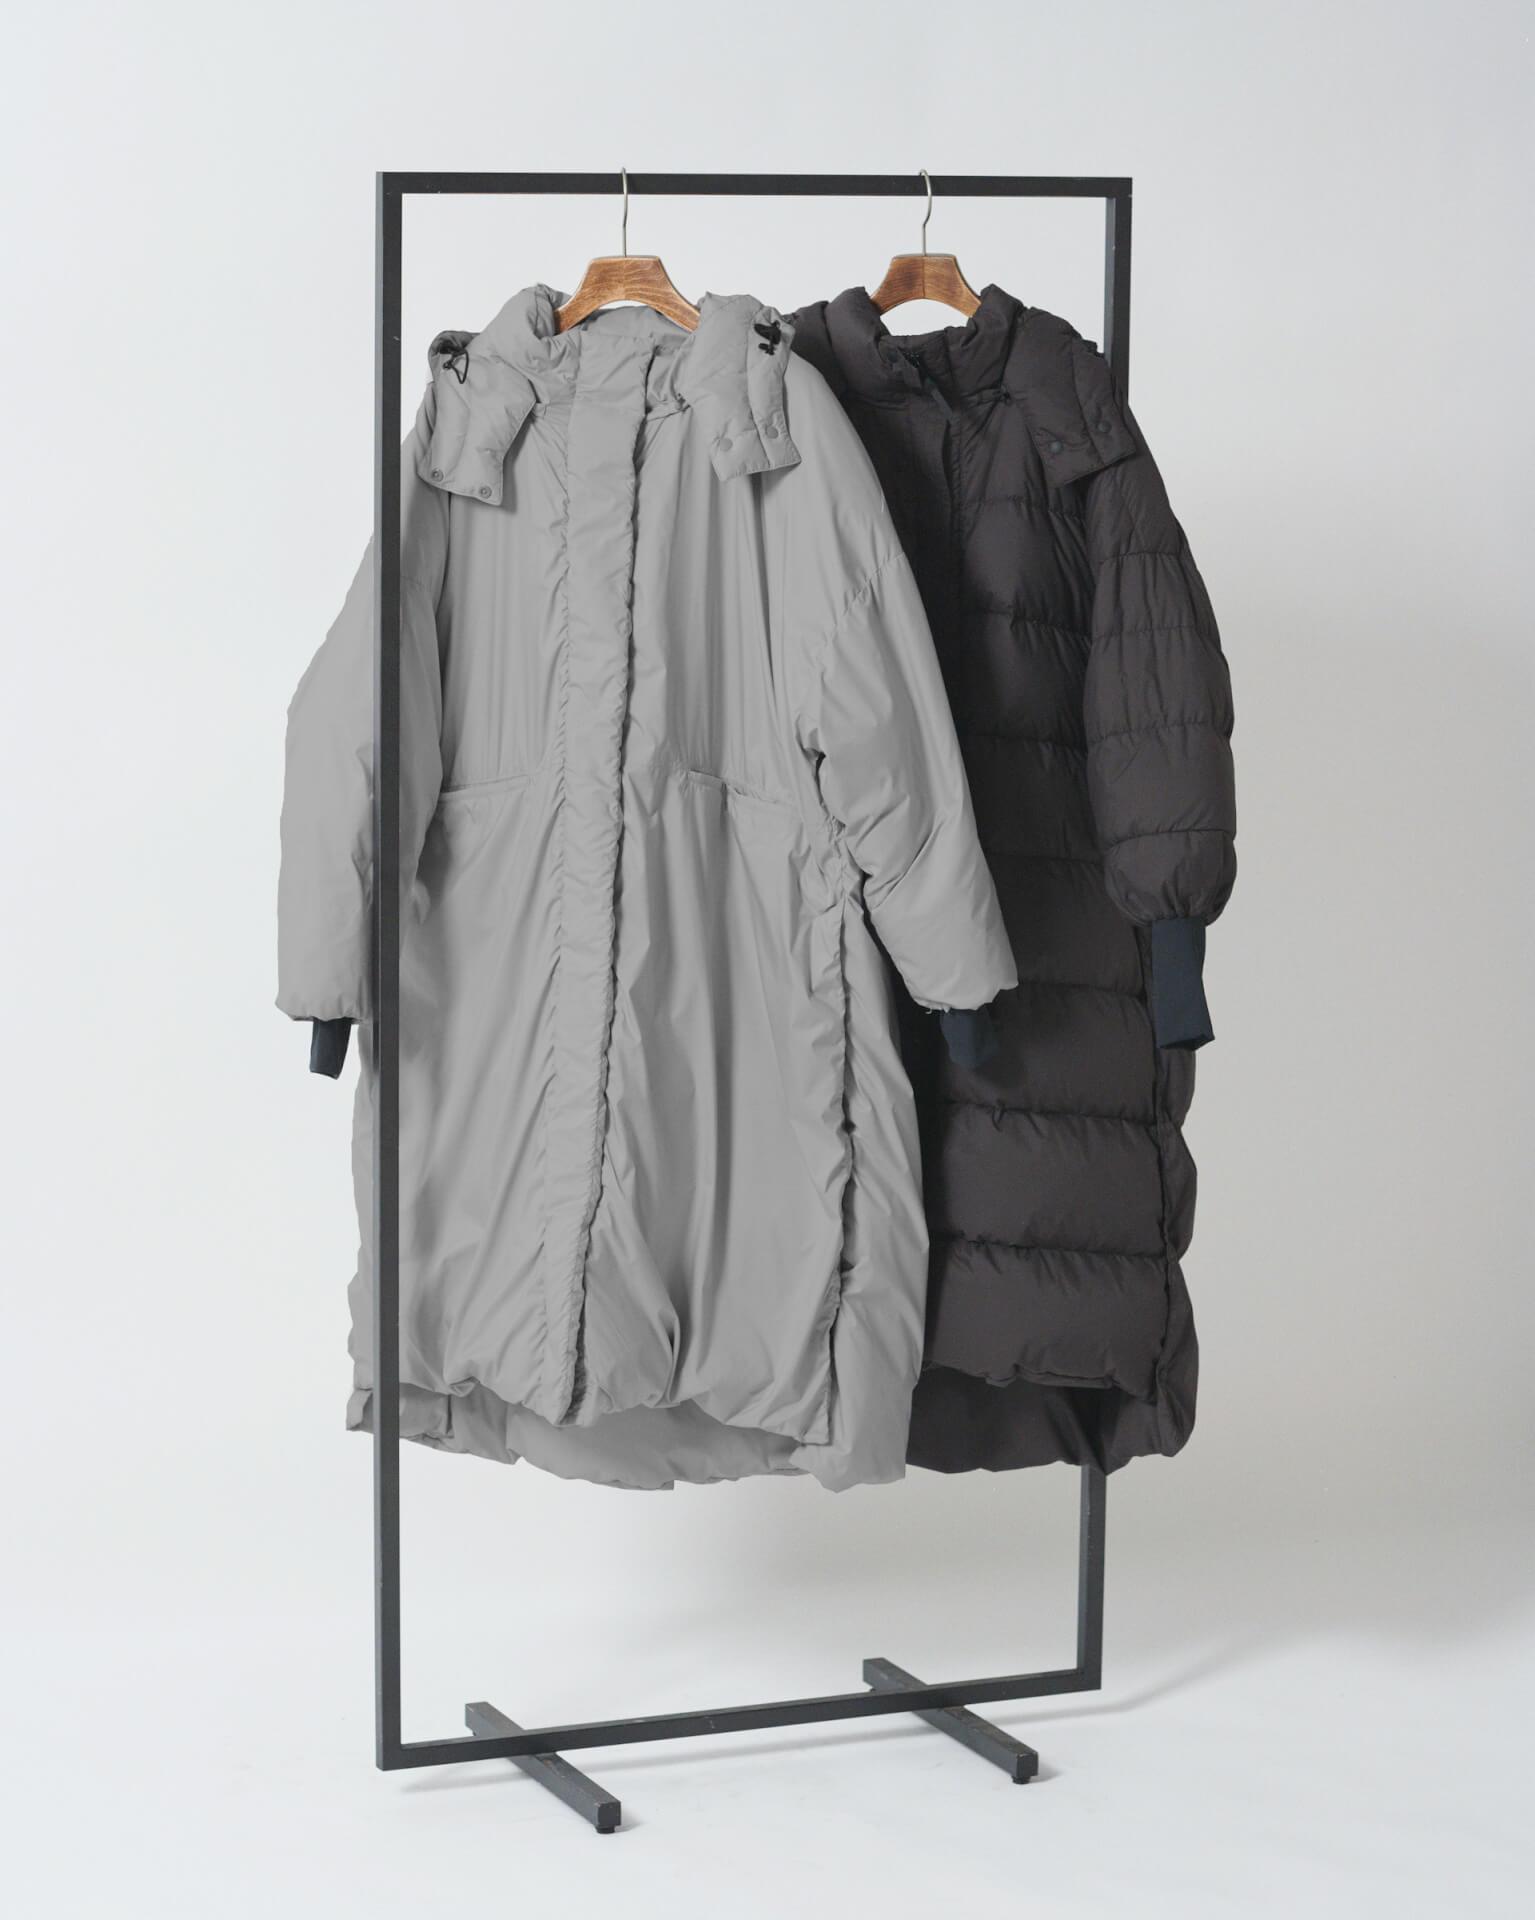 emmiから金子綾&NANGAとコラボしたダウンコートが登場!軽さと暖かさを重視したリバーシブルデザインが特徴 fashion20116_emmi_2